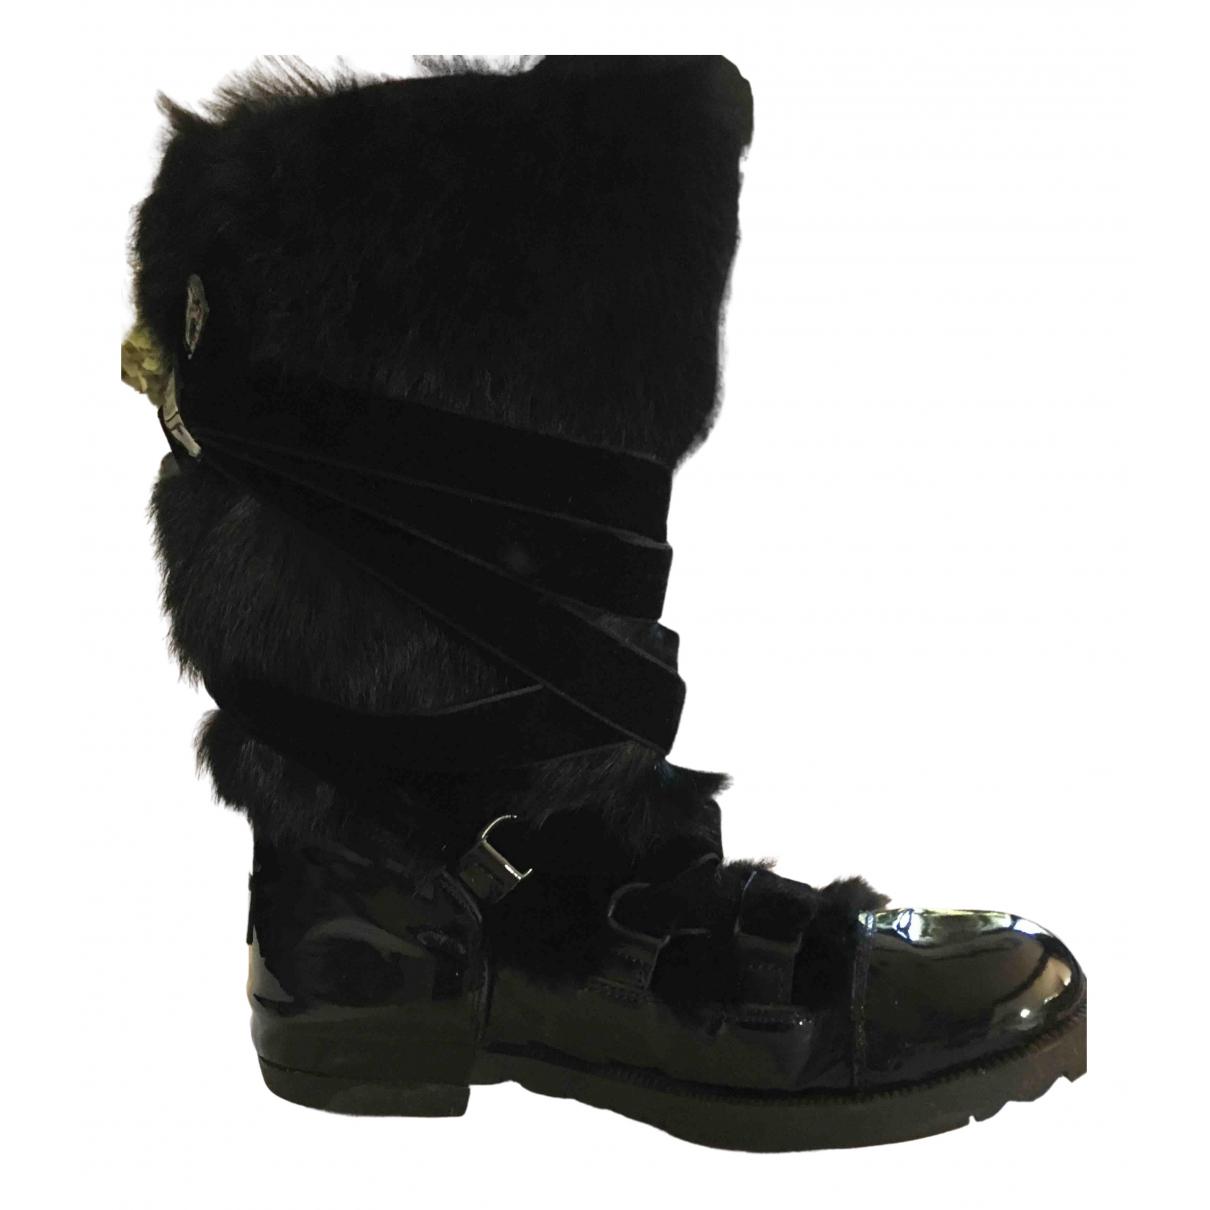 Sonia Rykiel - Boots   pour femme en cuir verni - noir